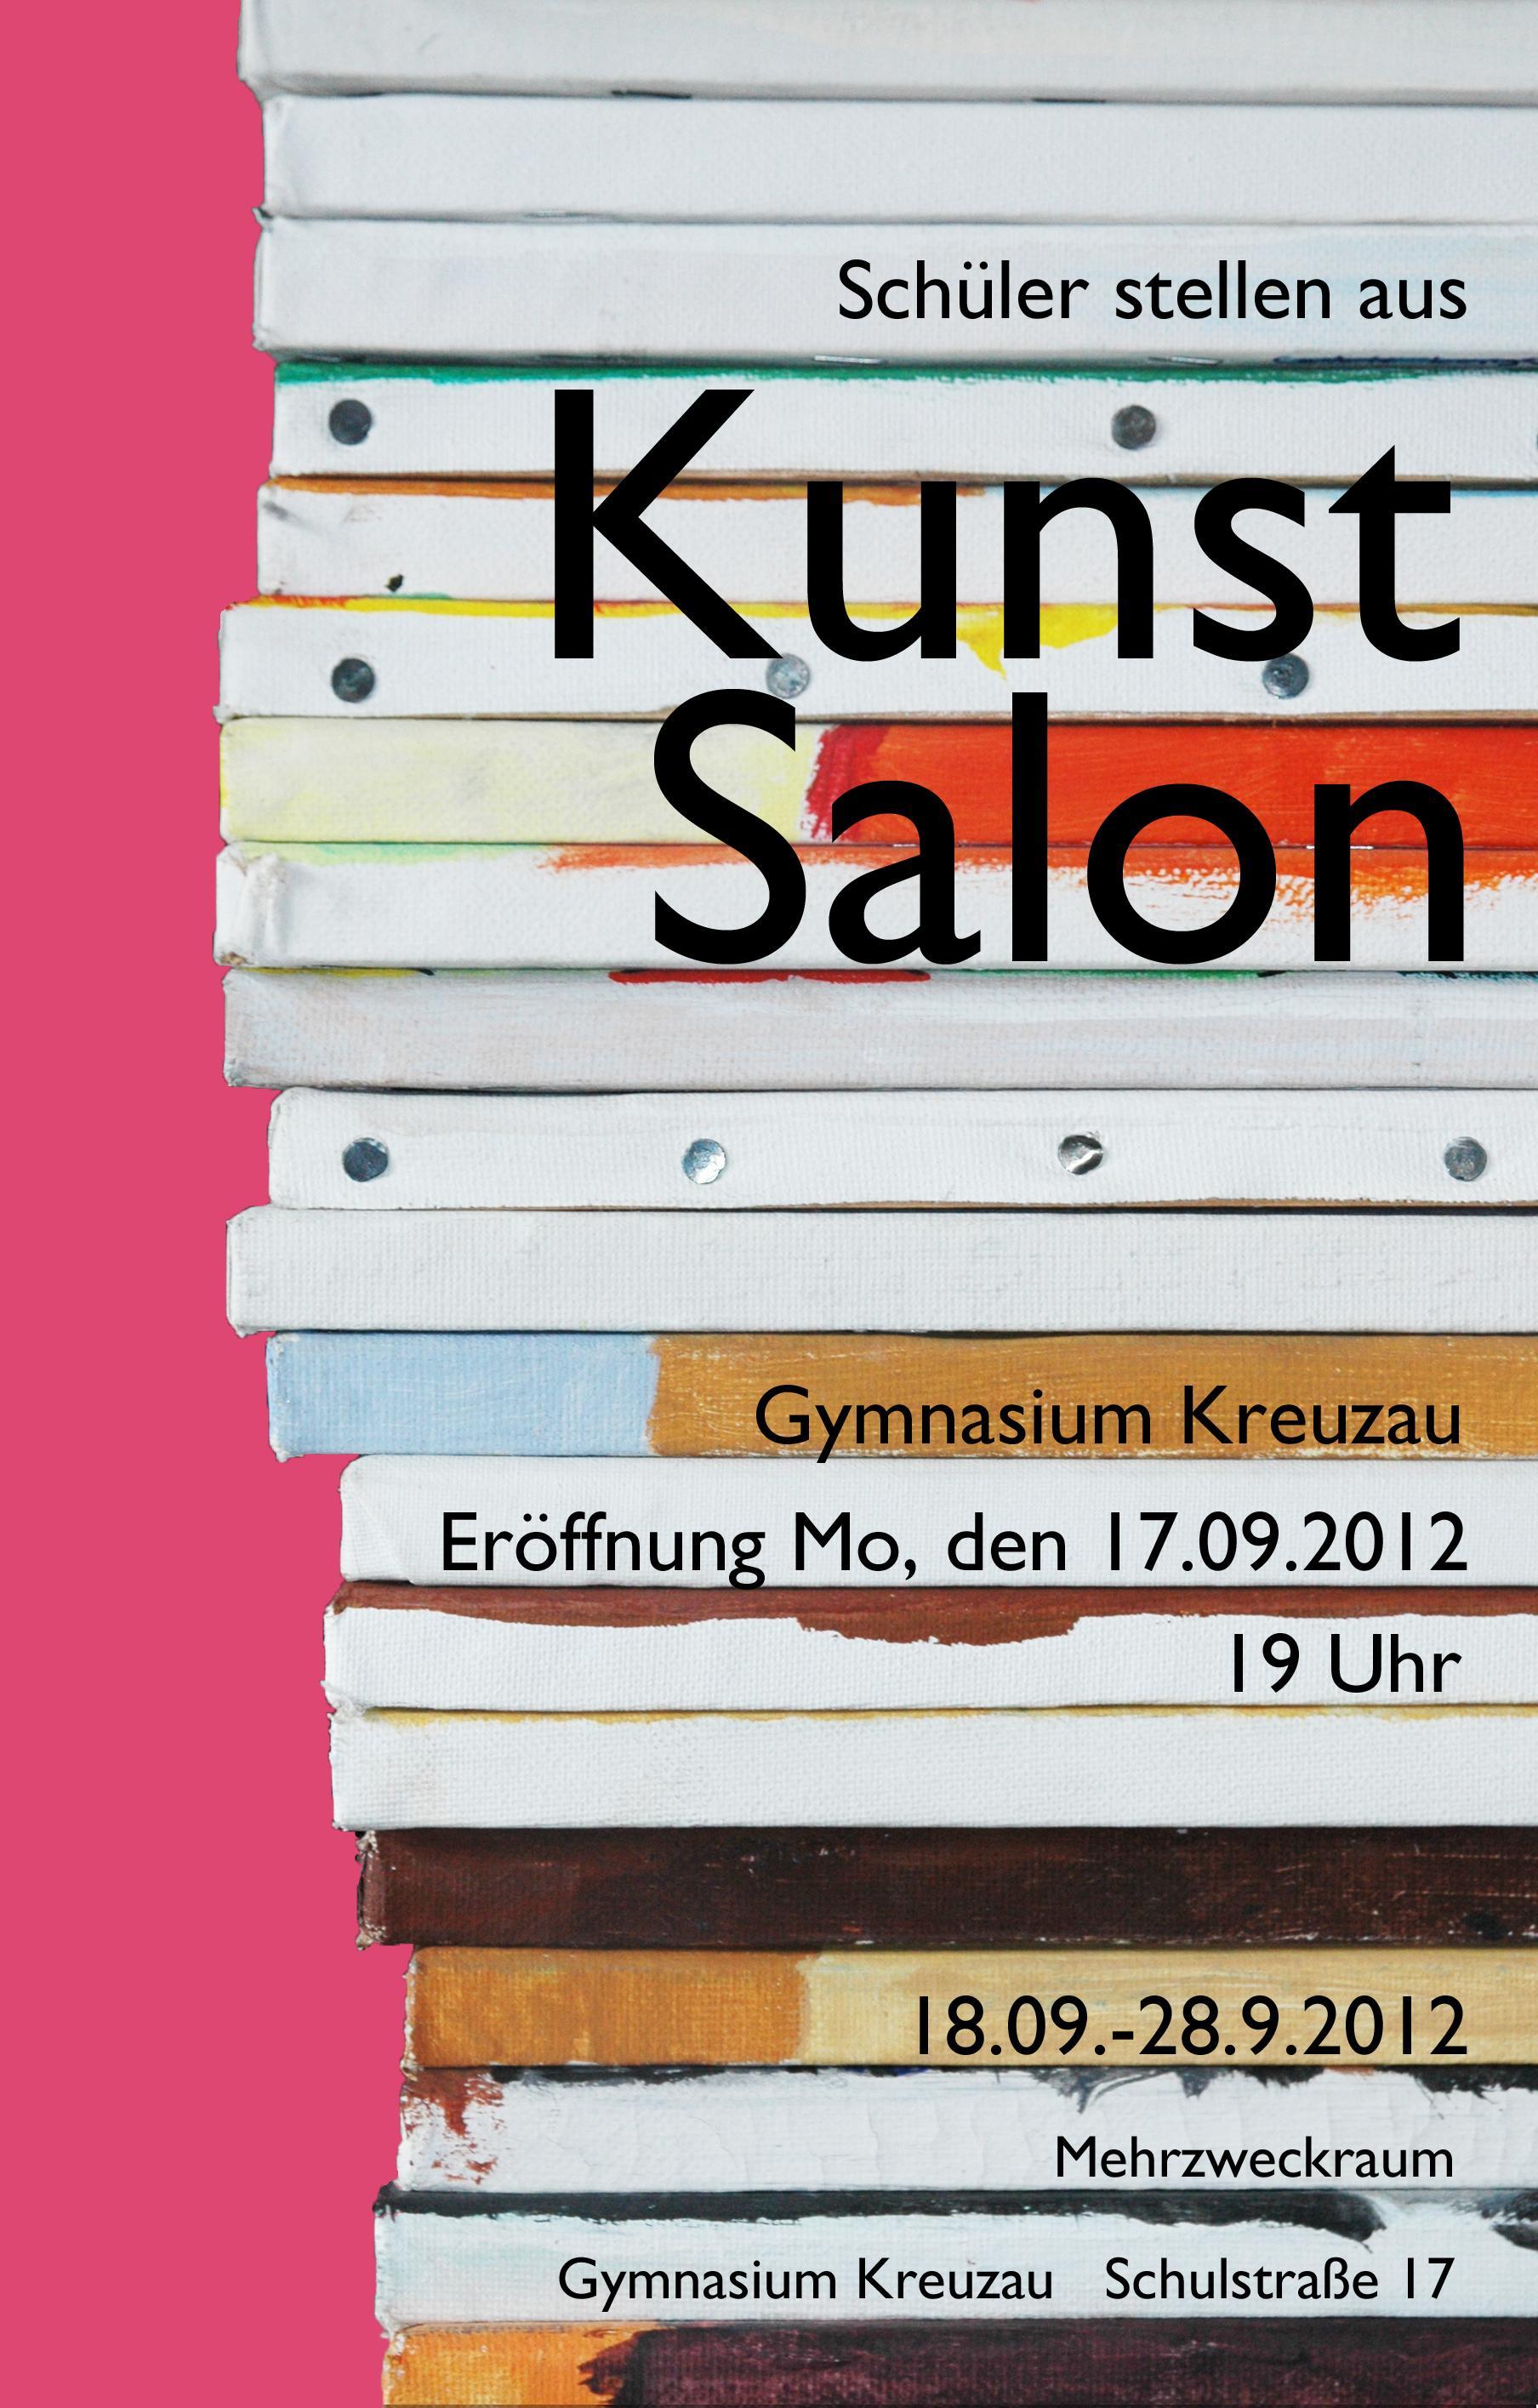 Mit diesem Plakat wirbt die Fachschaft Kunst für ihren diesjährigen Salon.